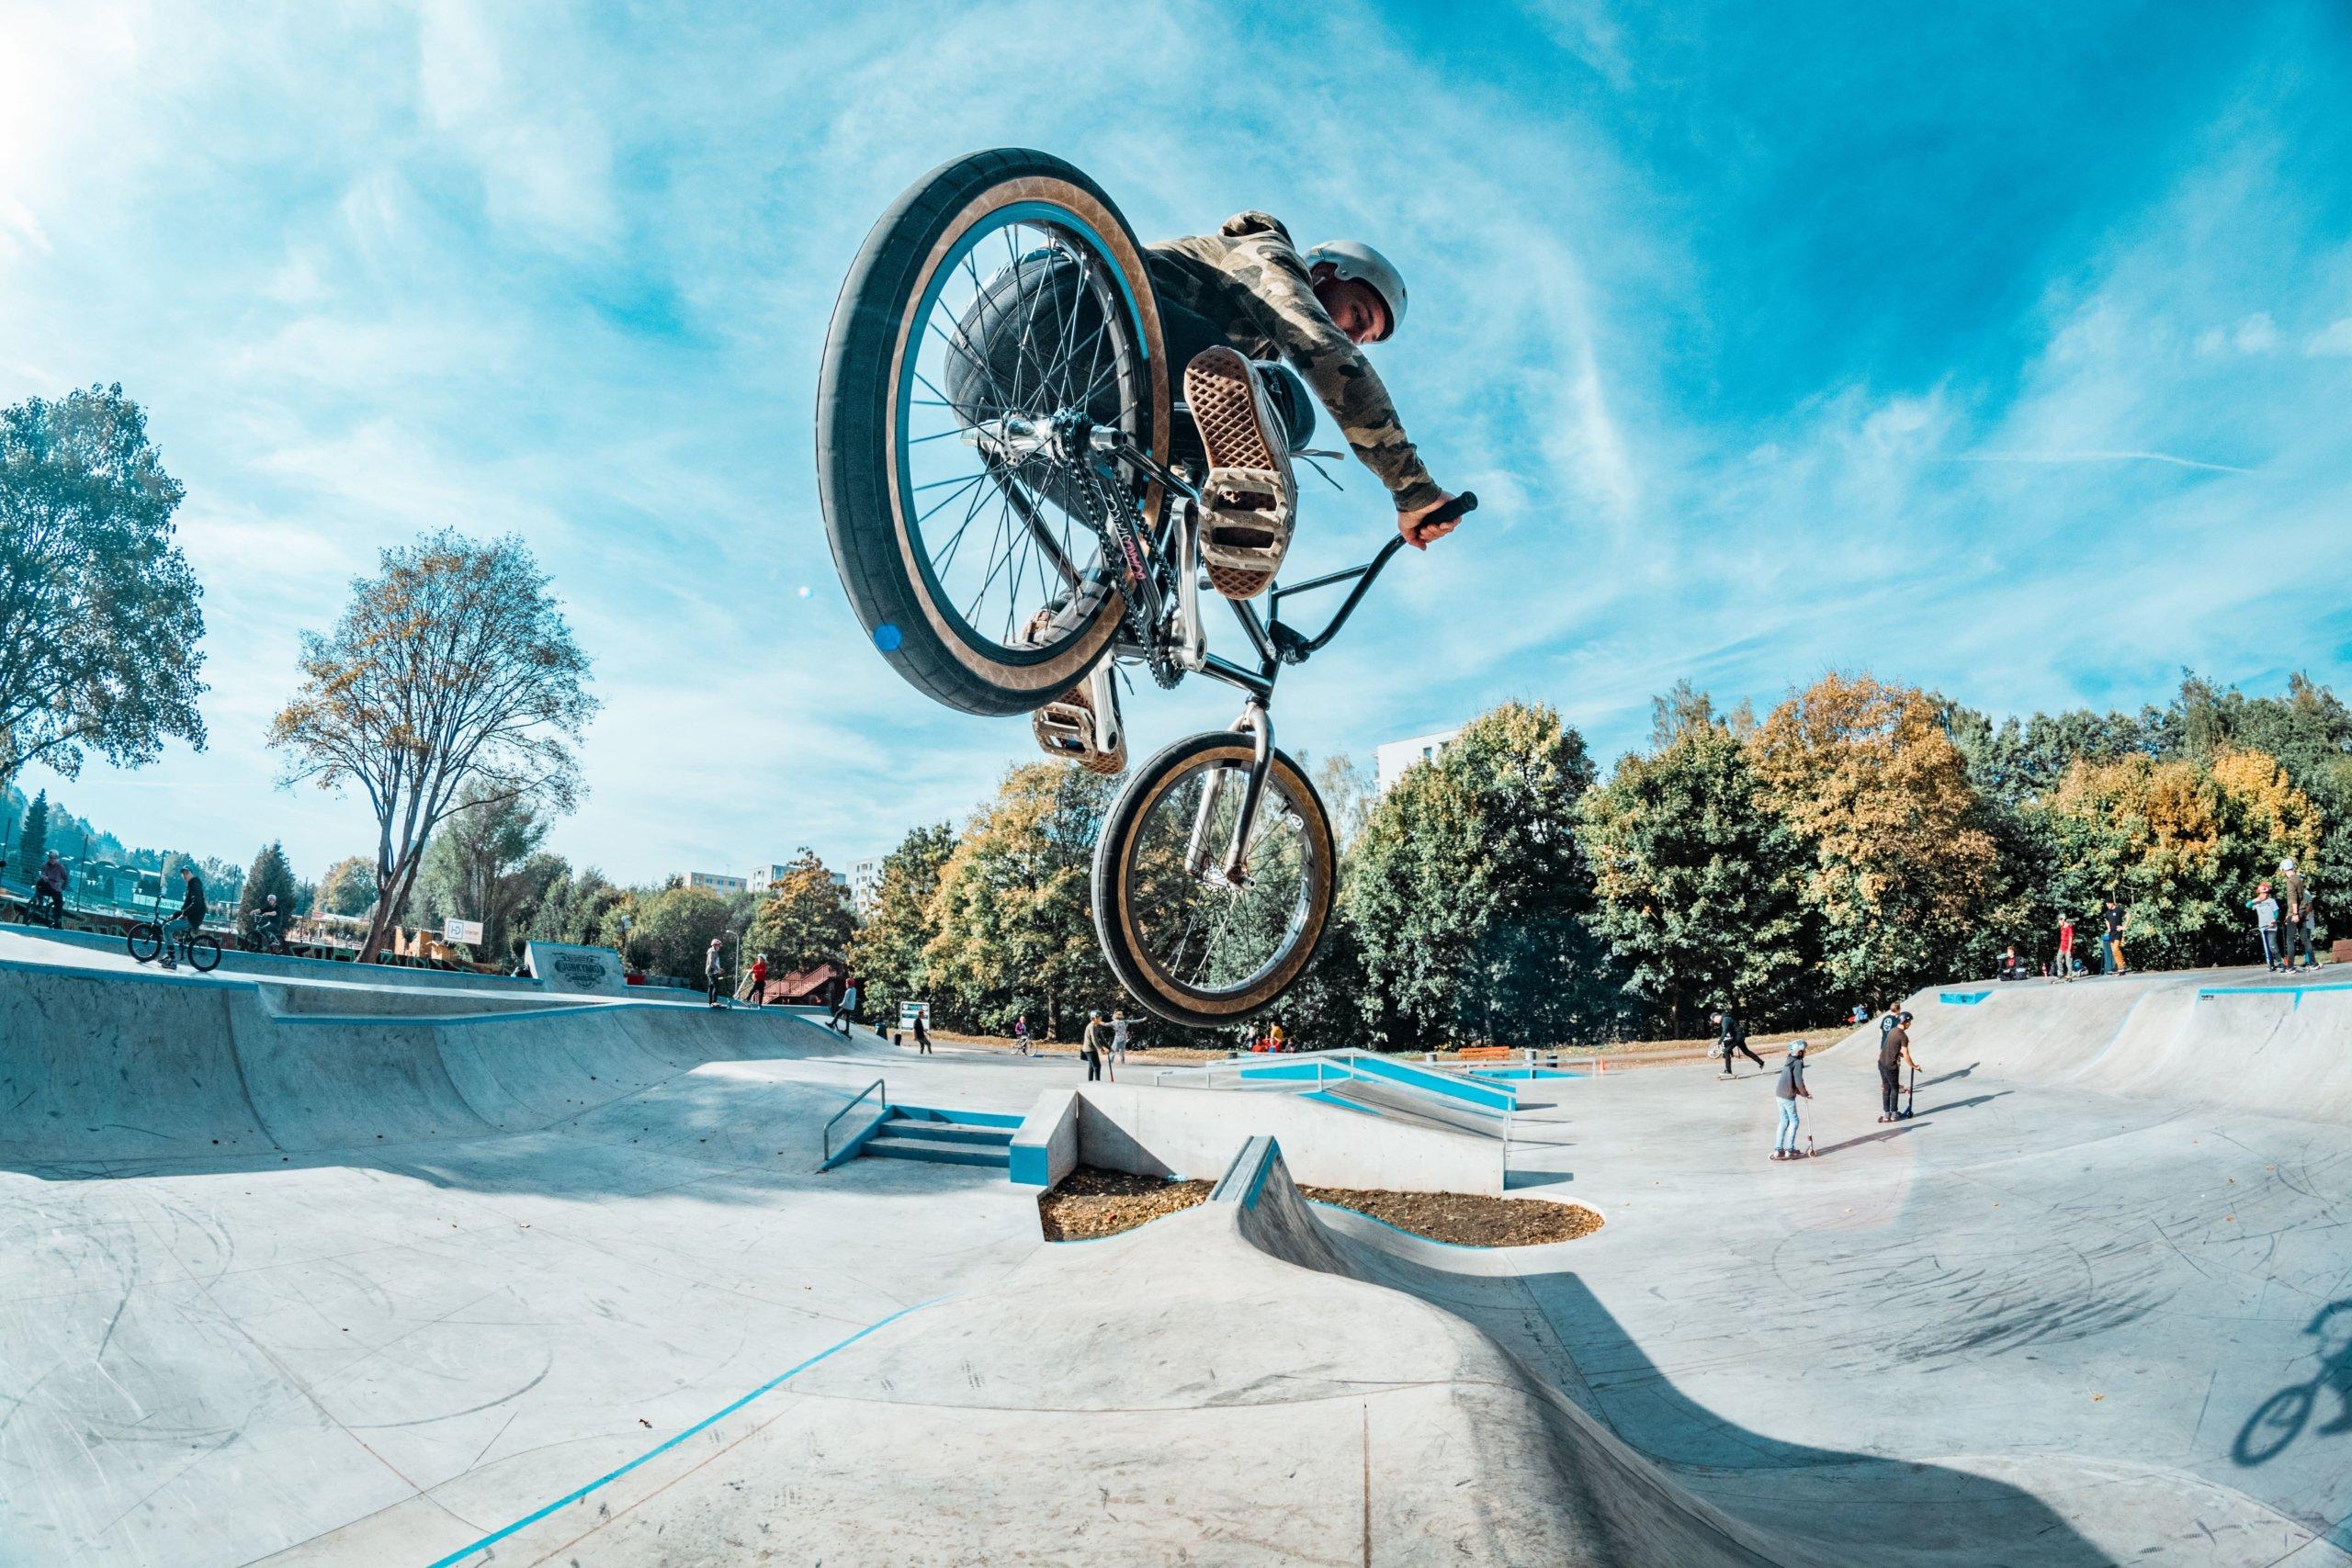 自転車で技を繰り出す人